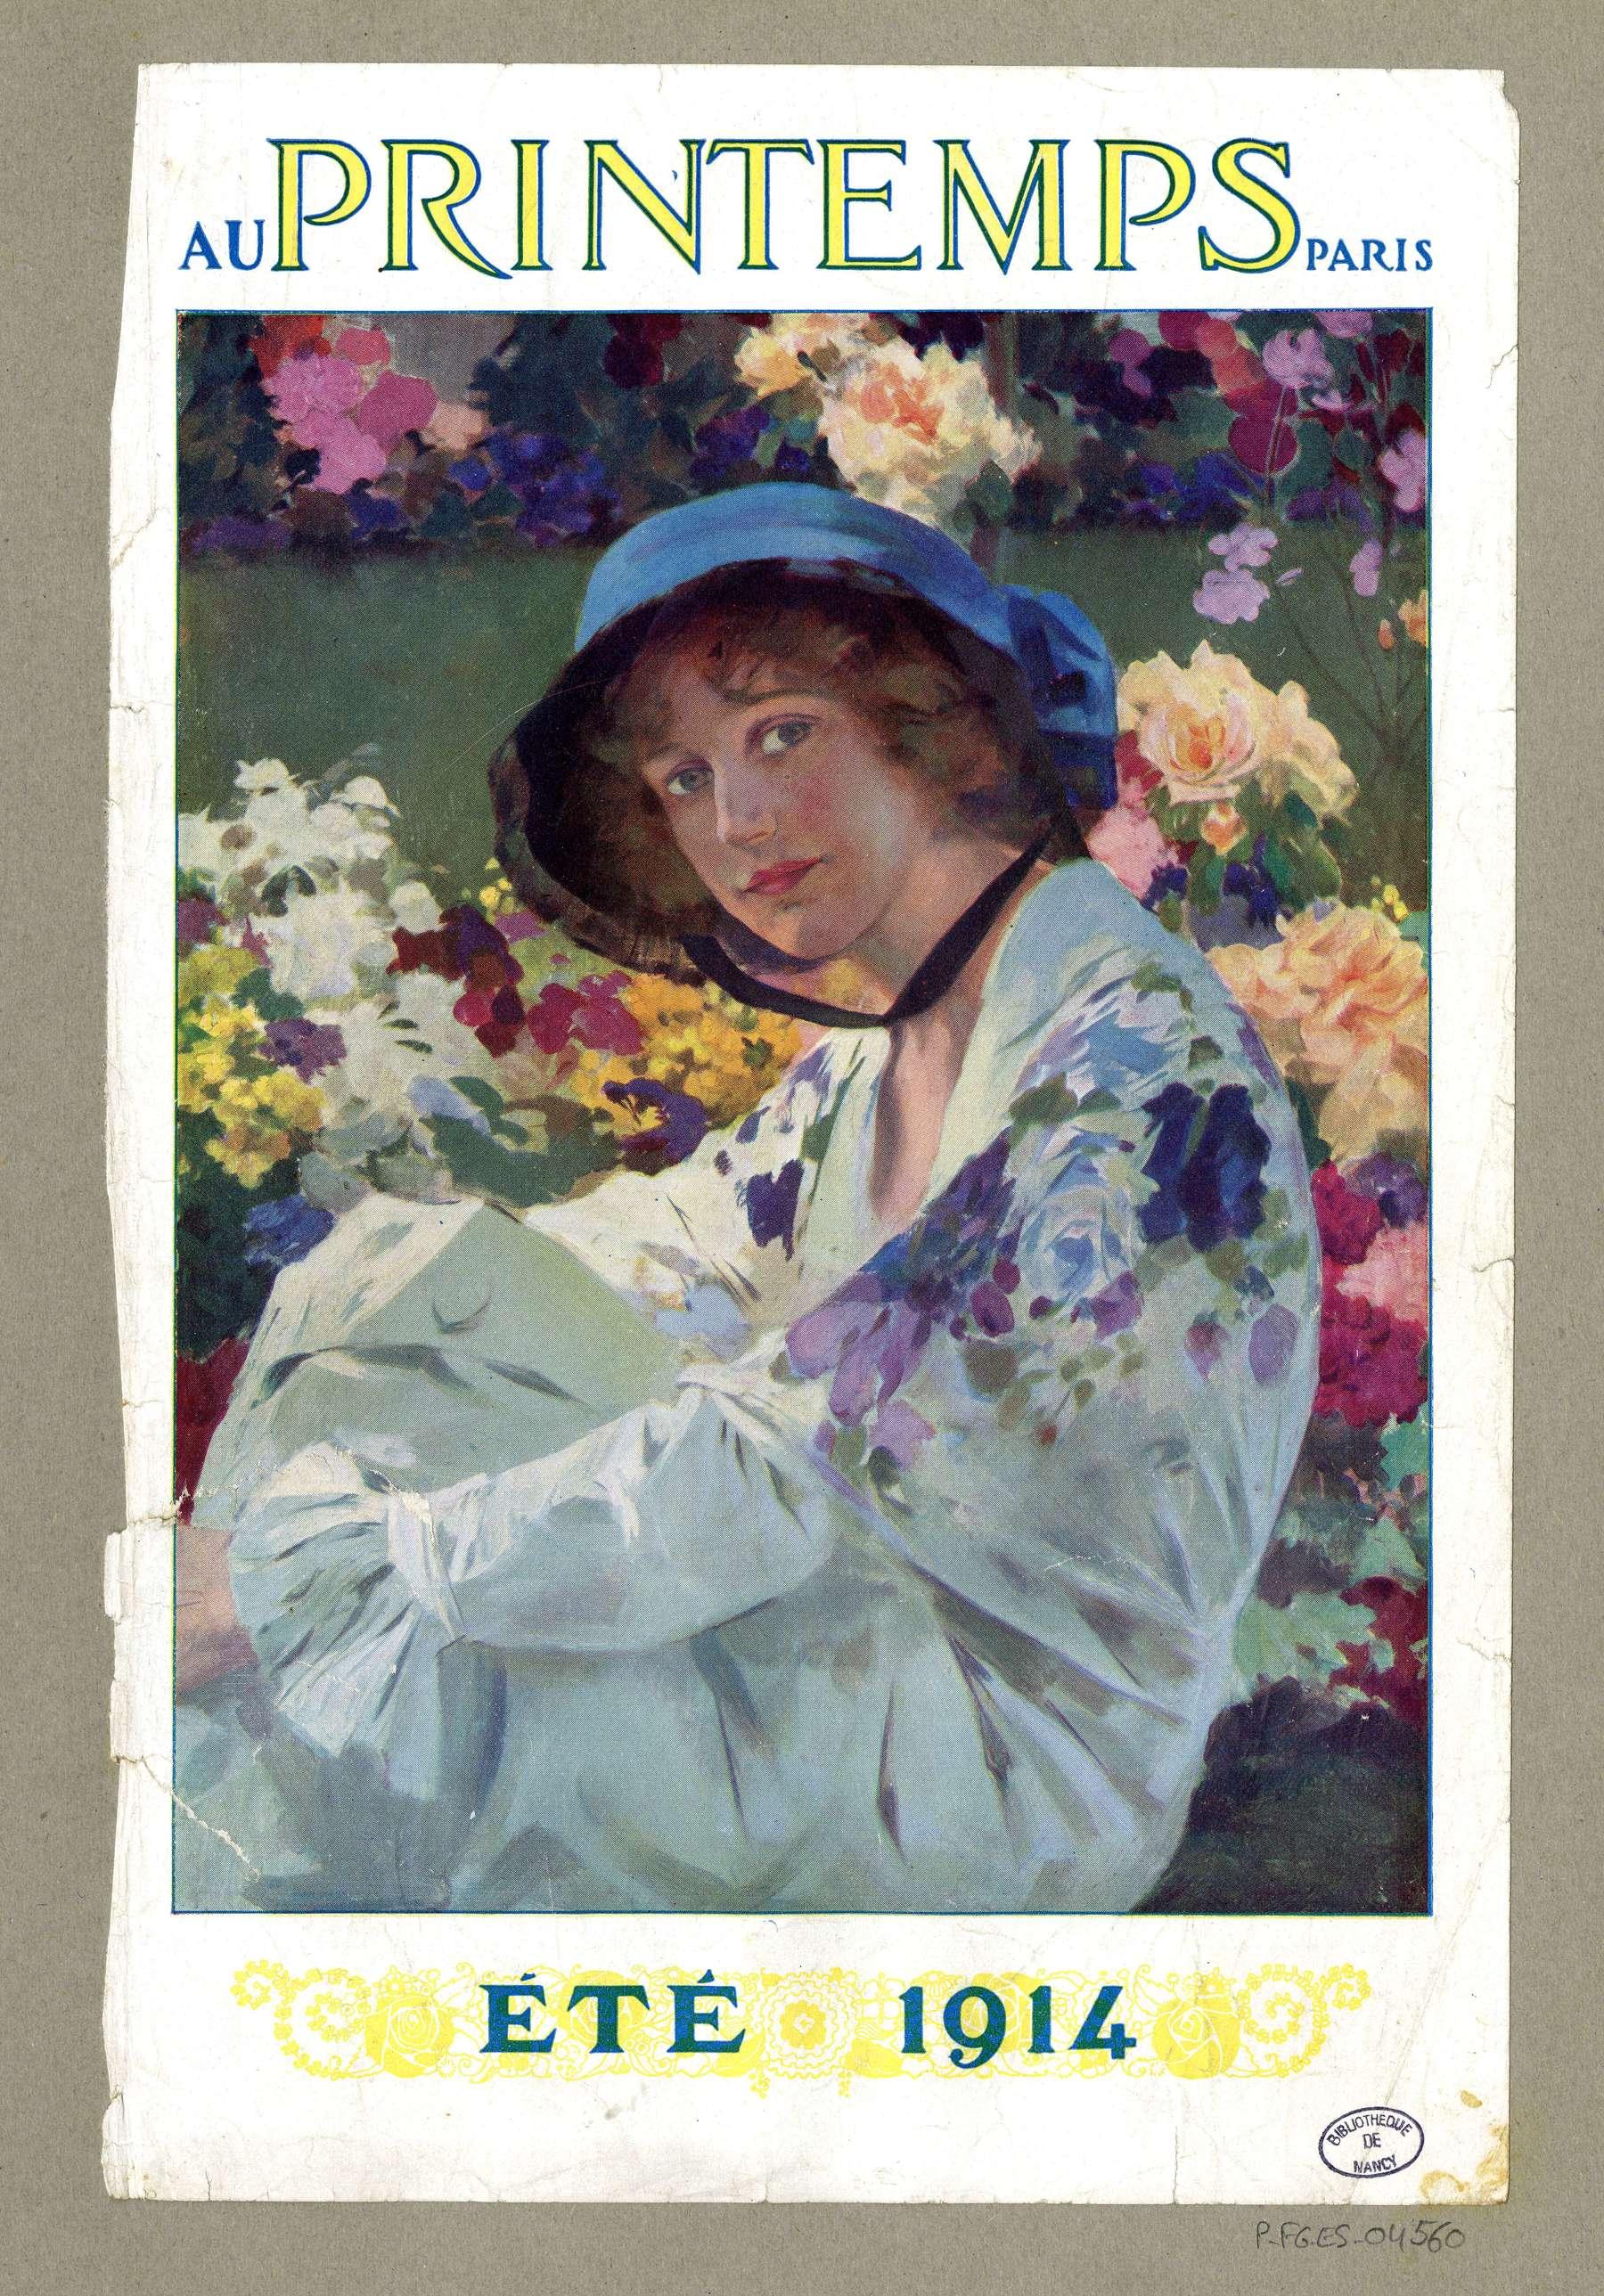 Contenu du Eté 1914